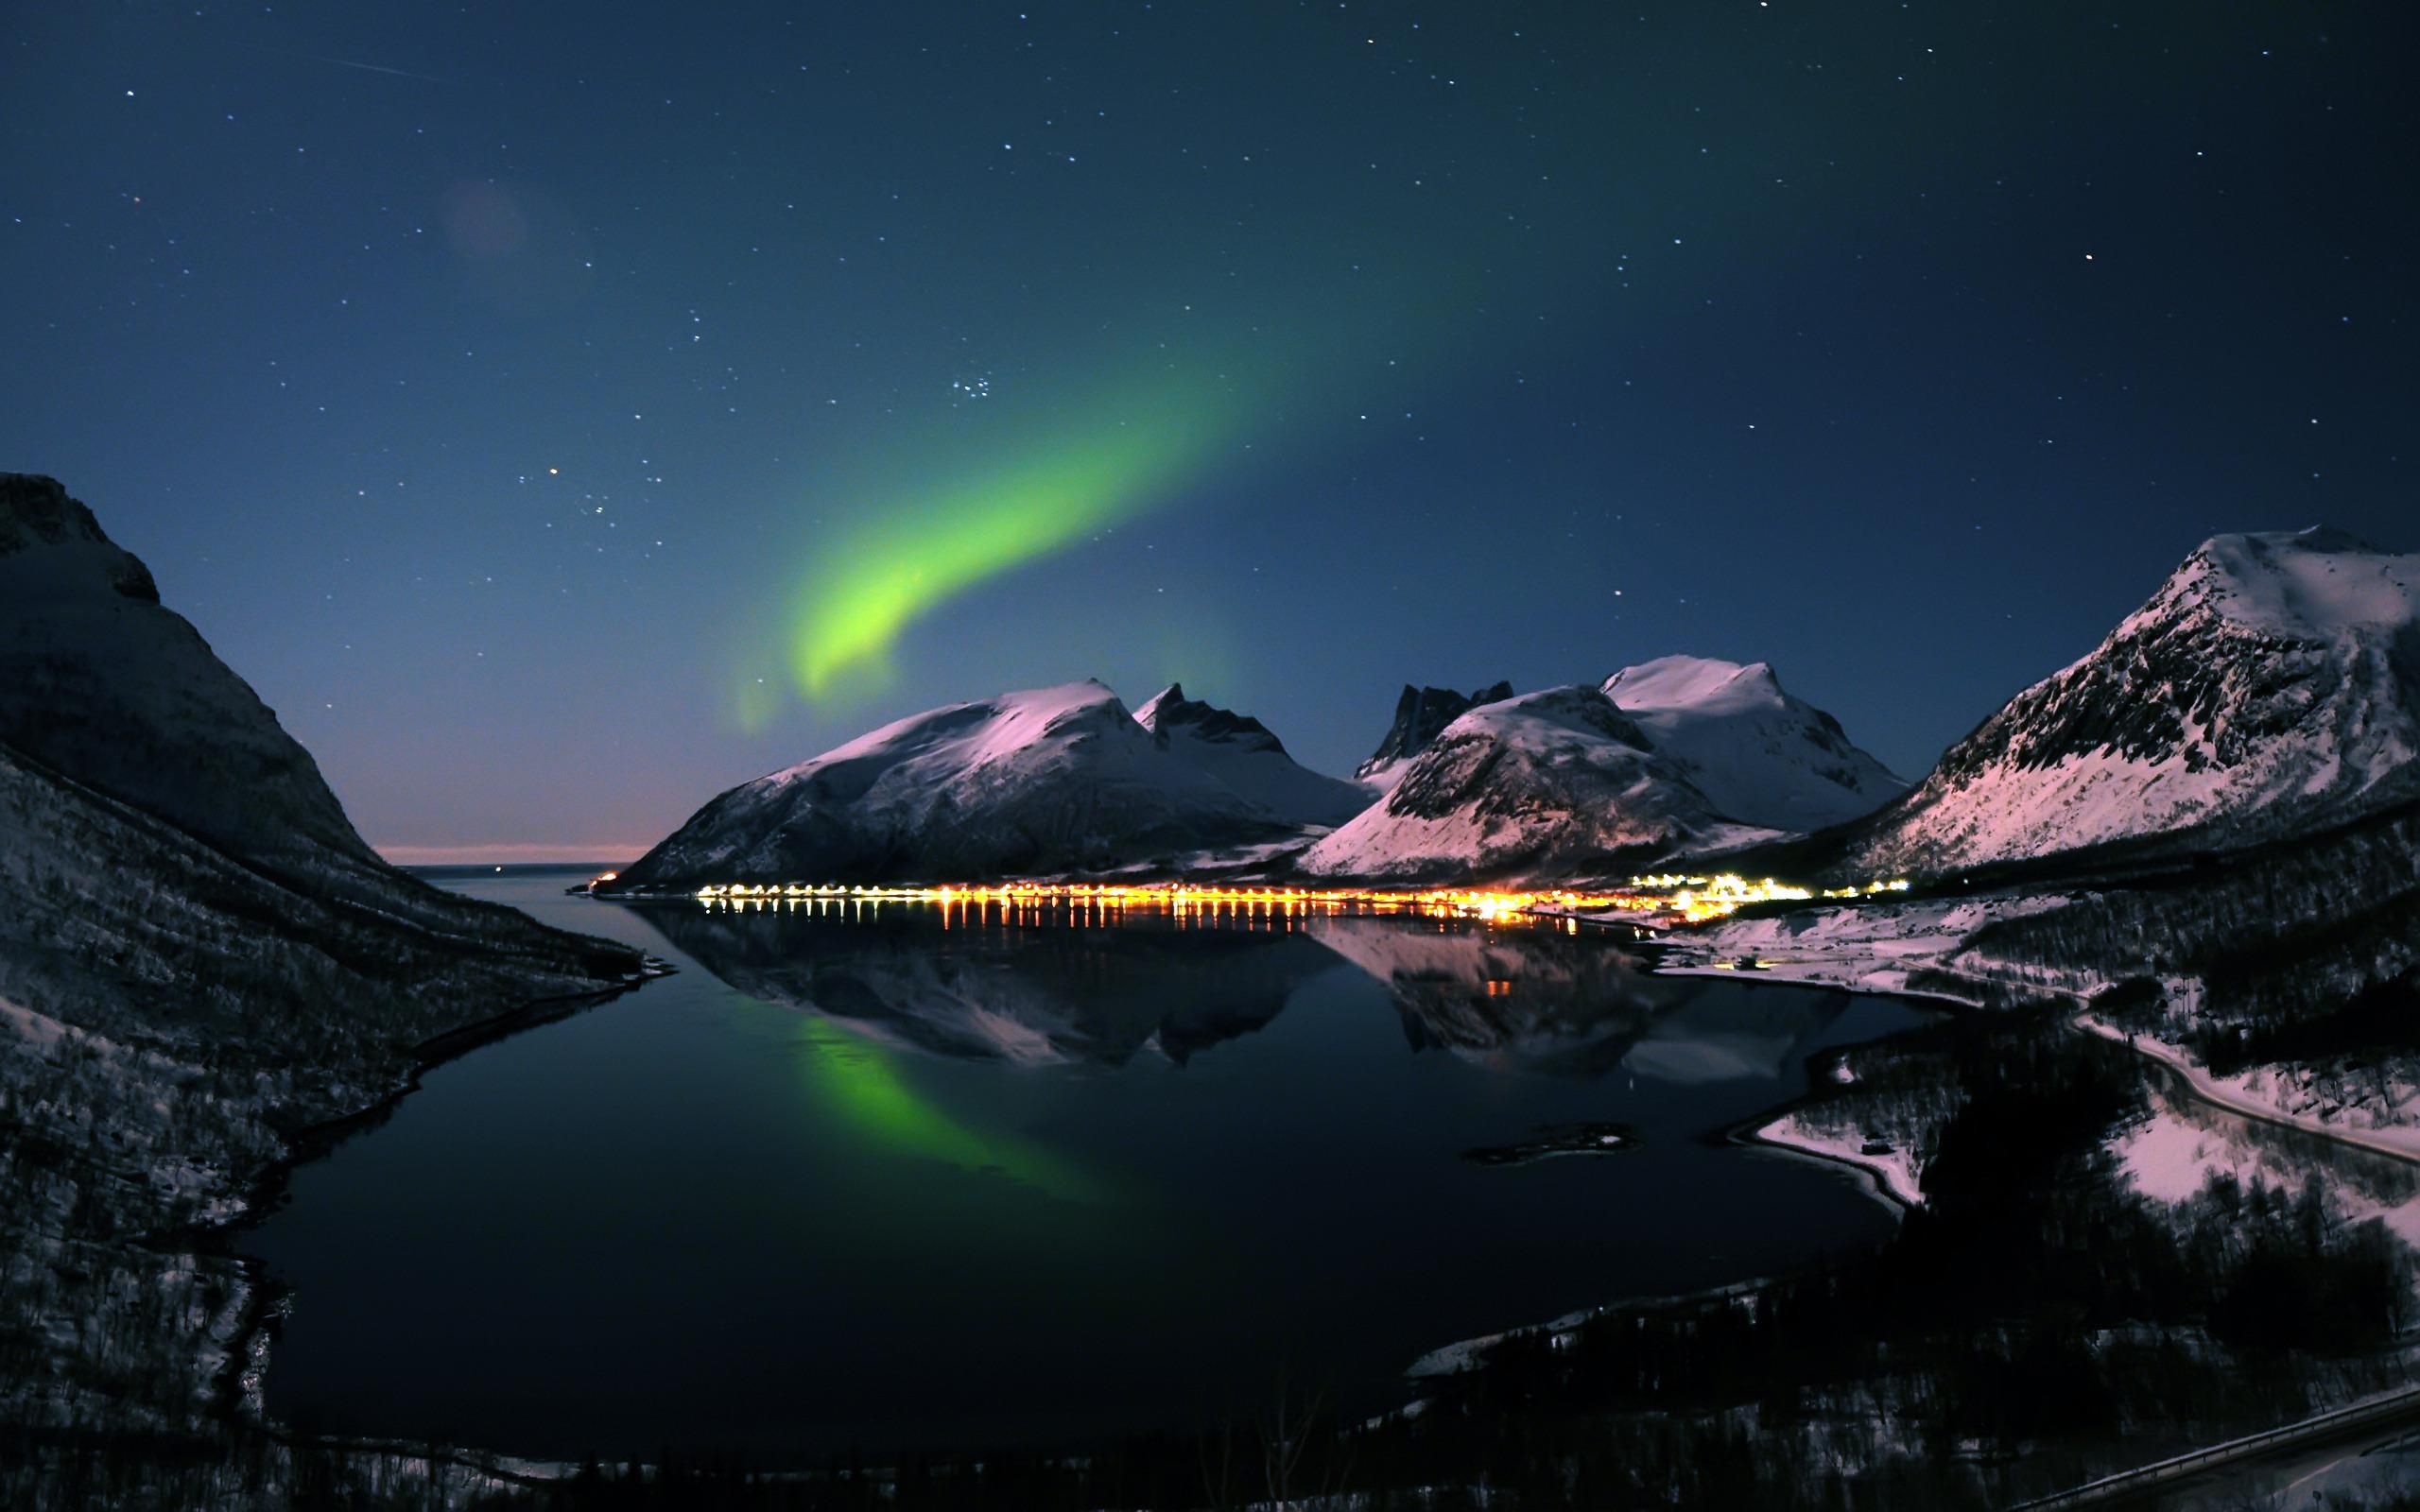 Aurora Borealis Wallpaper 5086 2560x1600px